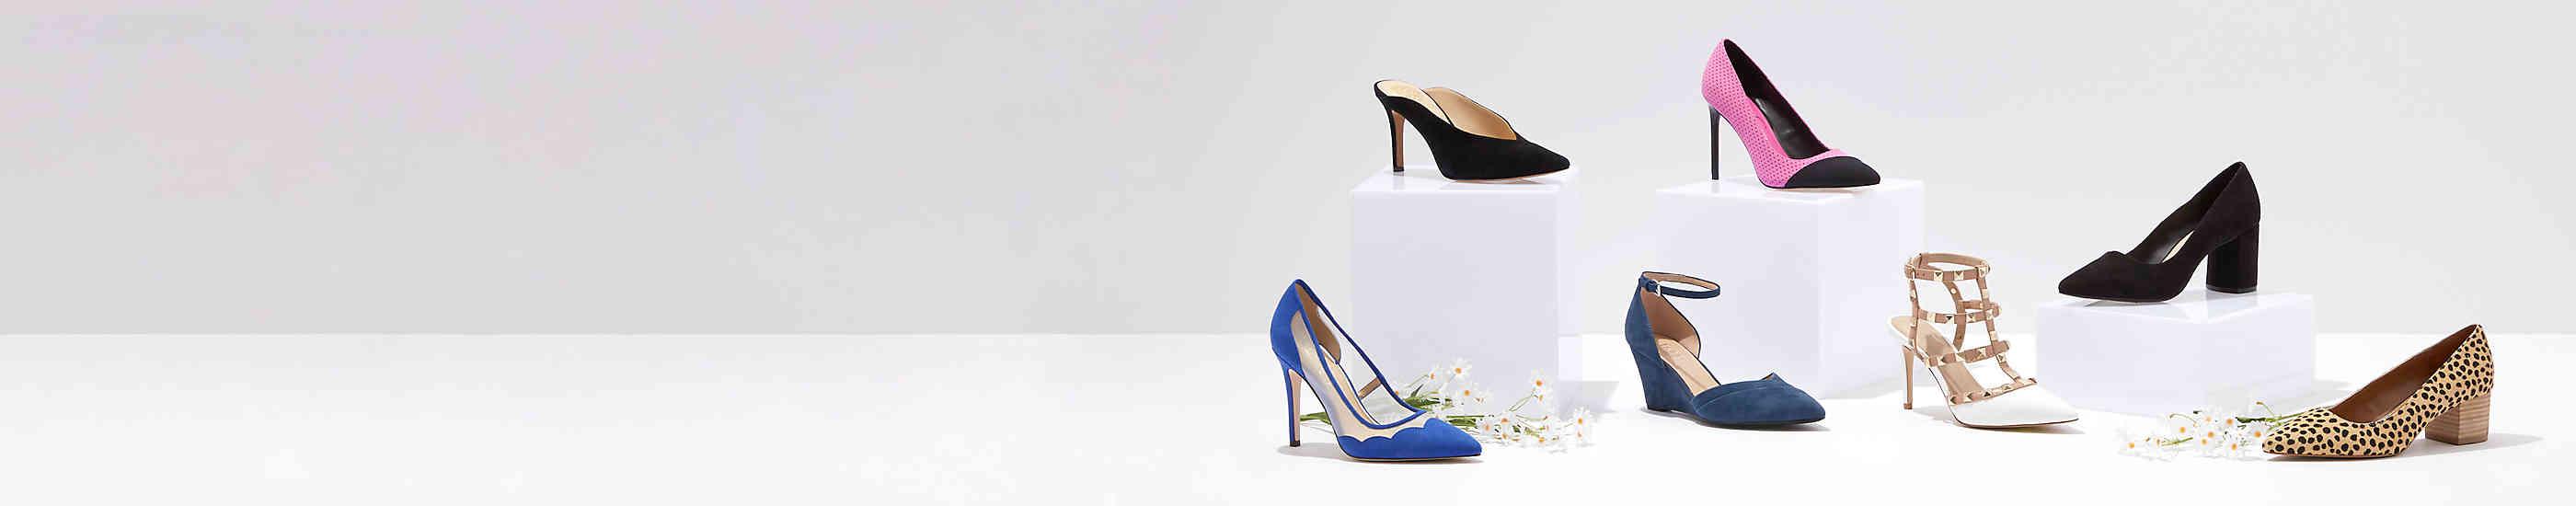 6128ce86656 Women s Pumps   Heels